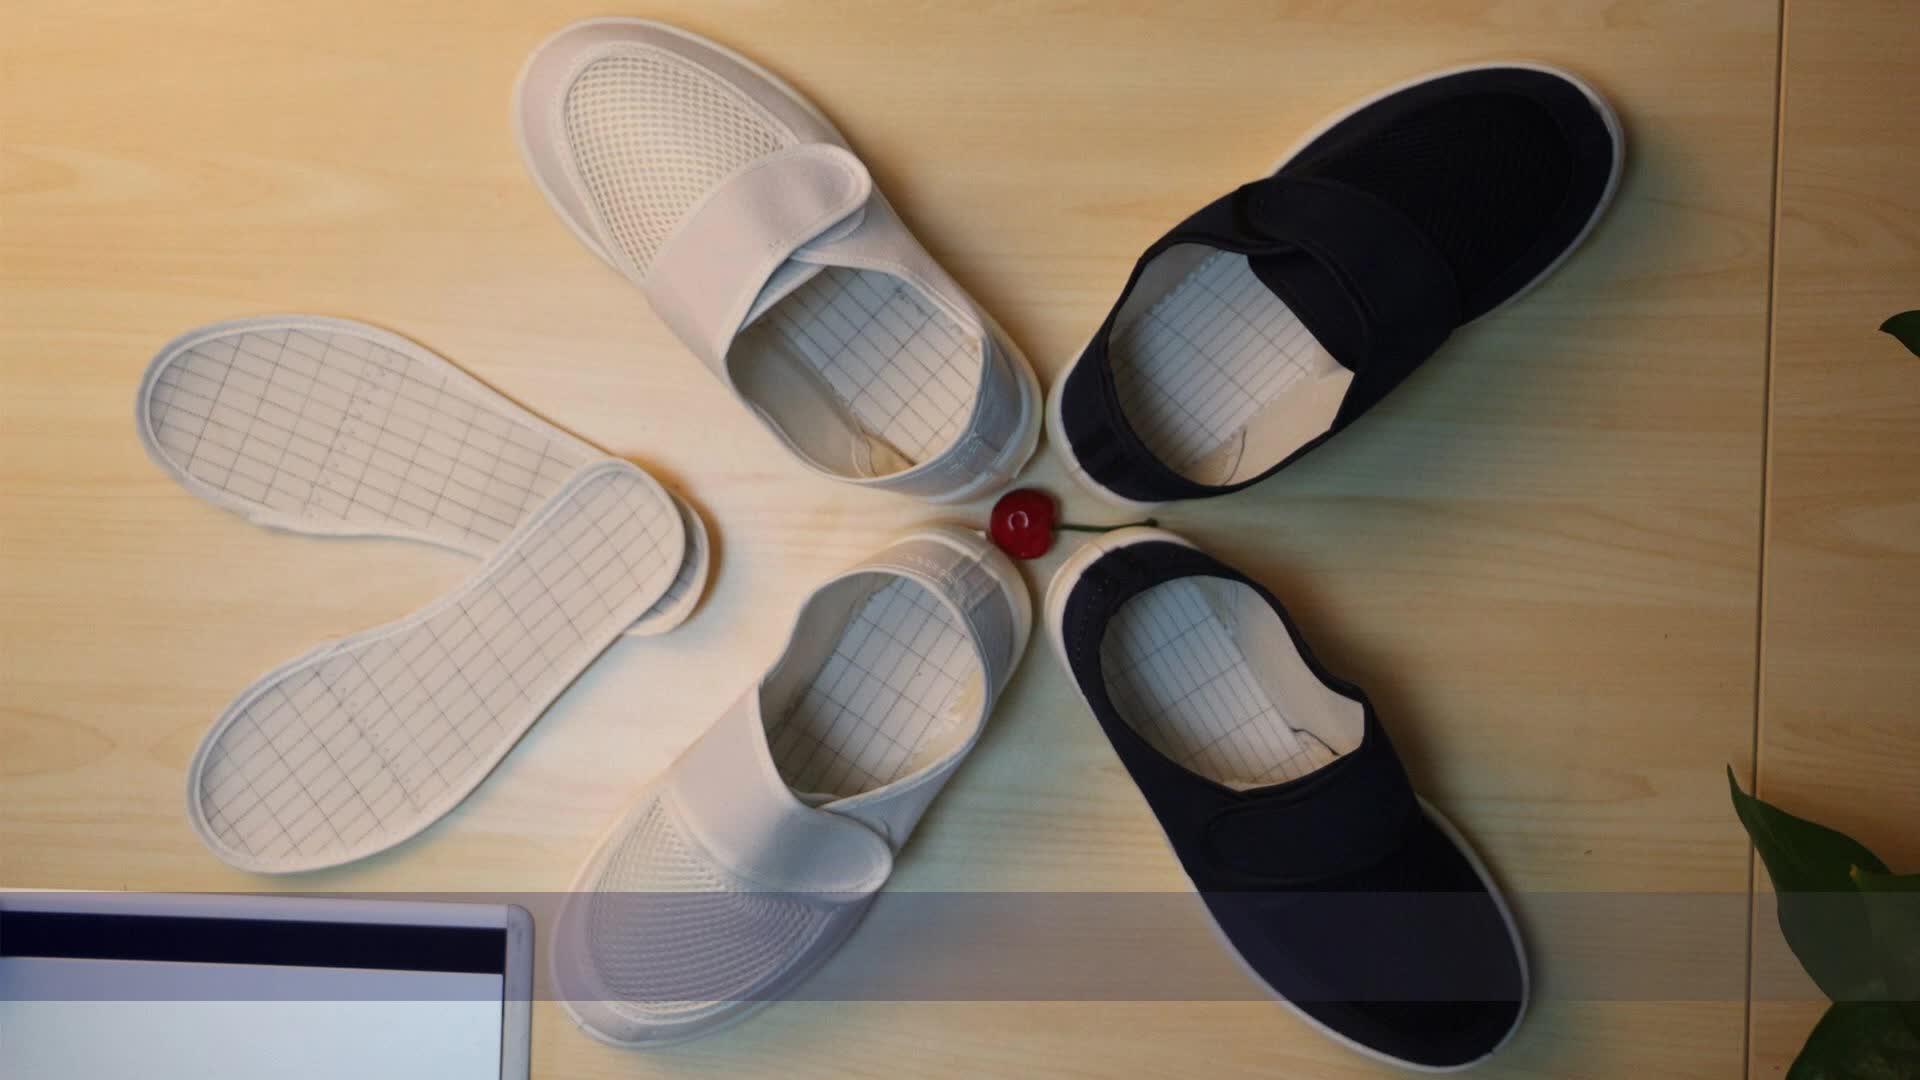 giày chống tĩnh bụi giày bảo vệ sạch thở giày lưới vải, thực phẩm và thoải mái PU vận chuyển đáy mềm